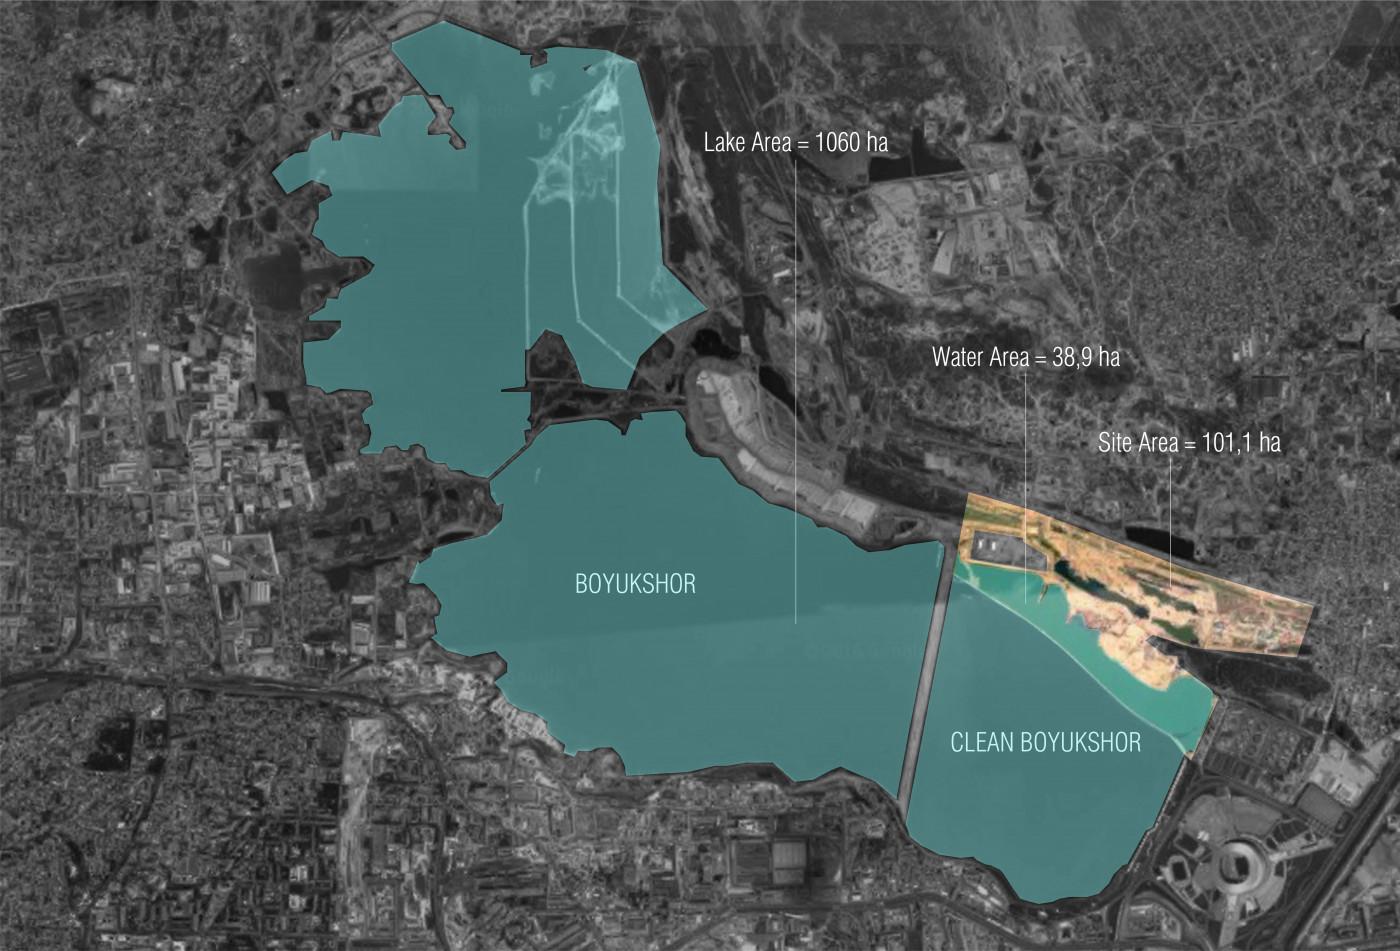 Розташування проектної ділянки на території озера Беюк-Шор / Zoo and amusement park on the territory of Boyukshor lake